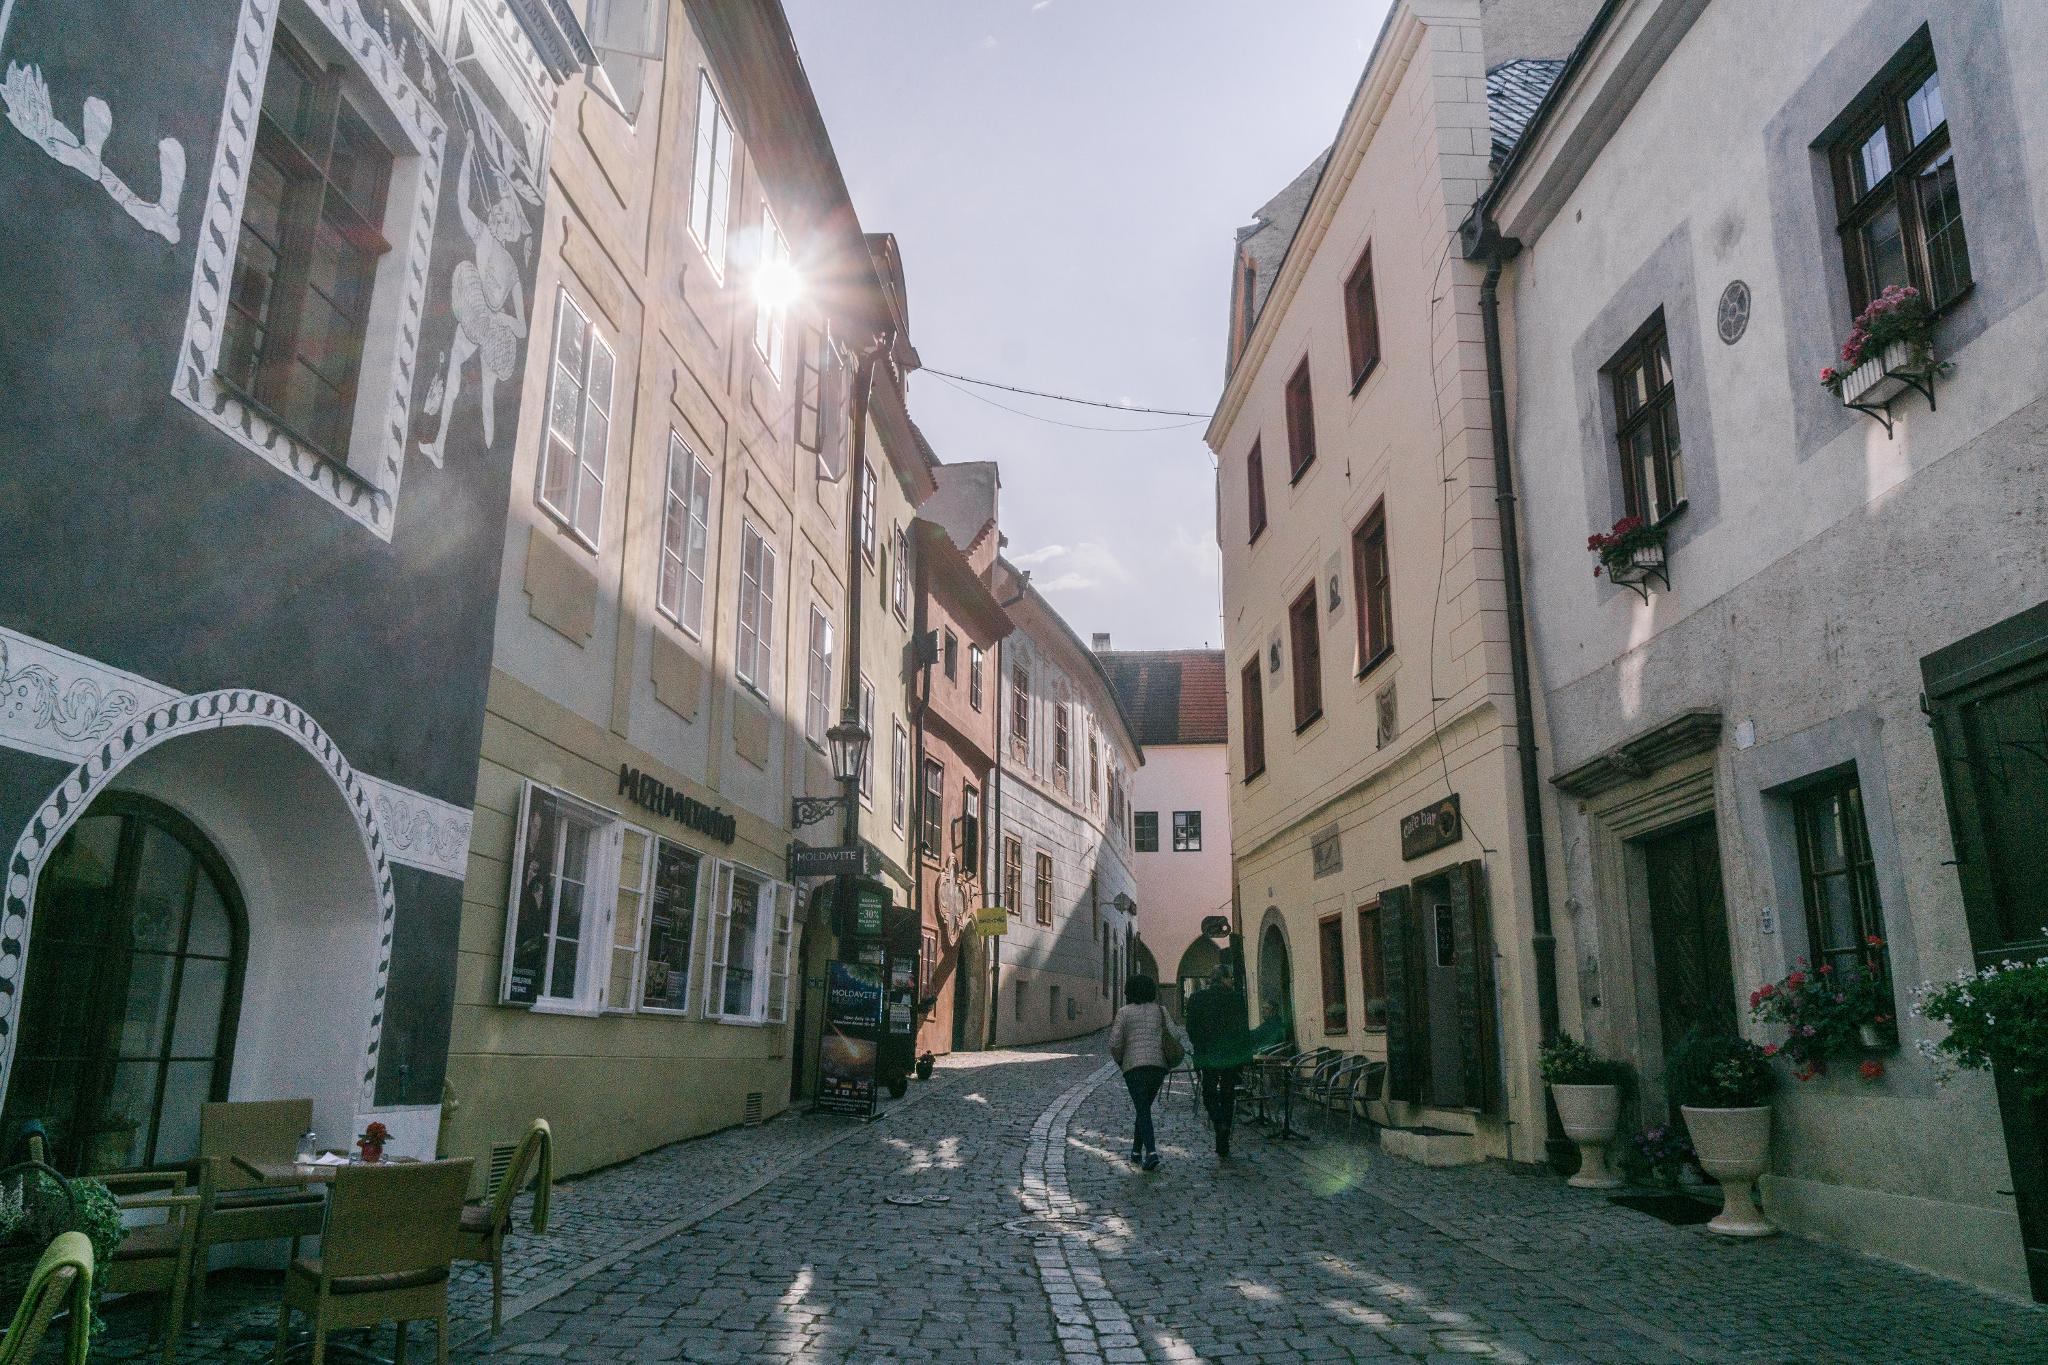 【捷克】Český Krumlov 庫倫諾夫 — 穿梭最美的中世紀童話小鎮 36